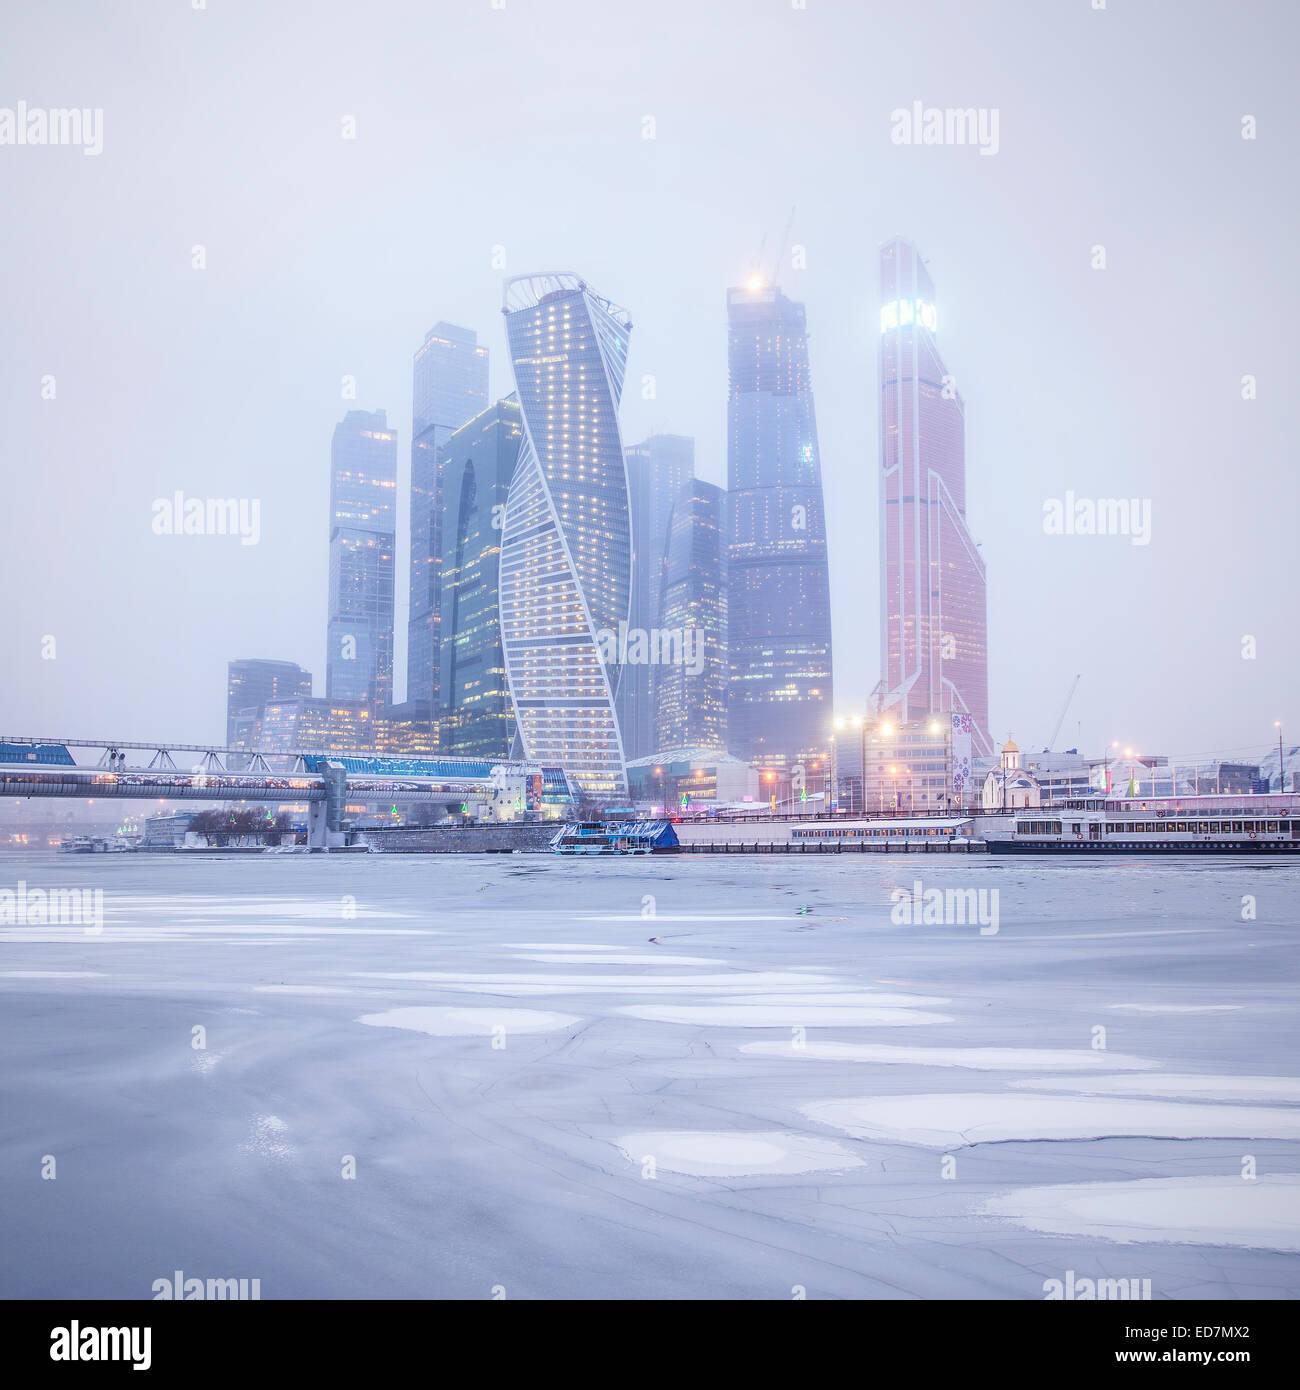 Vue d'hiver du centre d'affaires sous la neige et le brouillard. Moscou. La Russie. Photo Stock